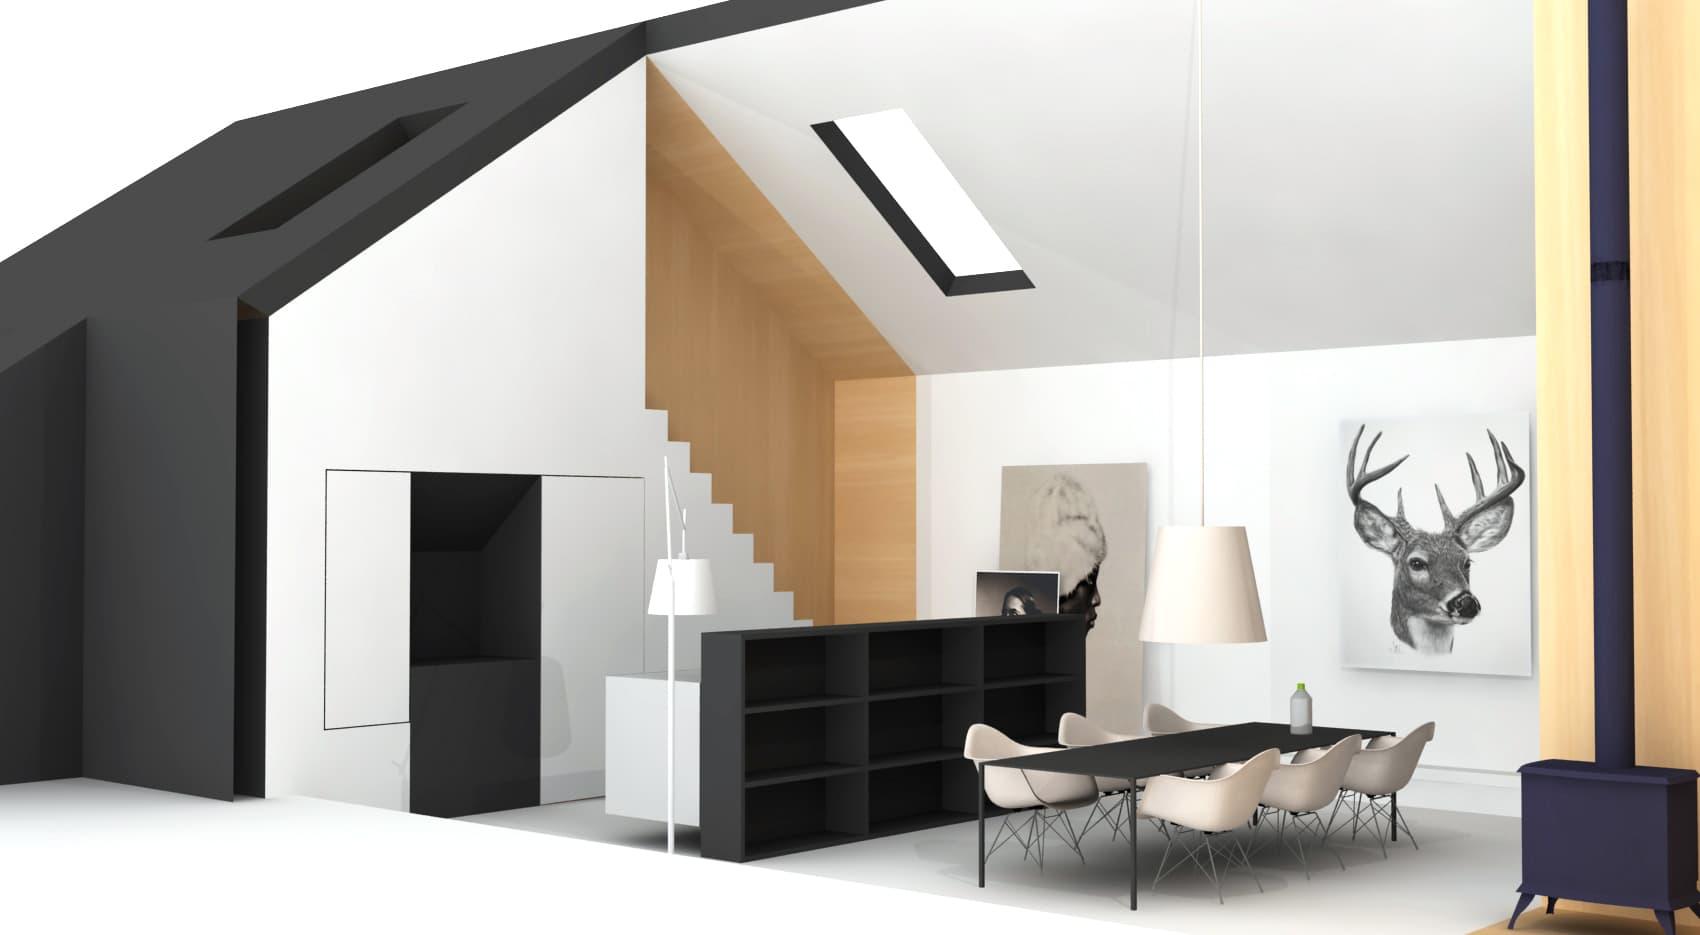 Woonhuis met multiplex interieur en hoge ruimten